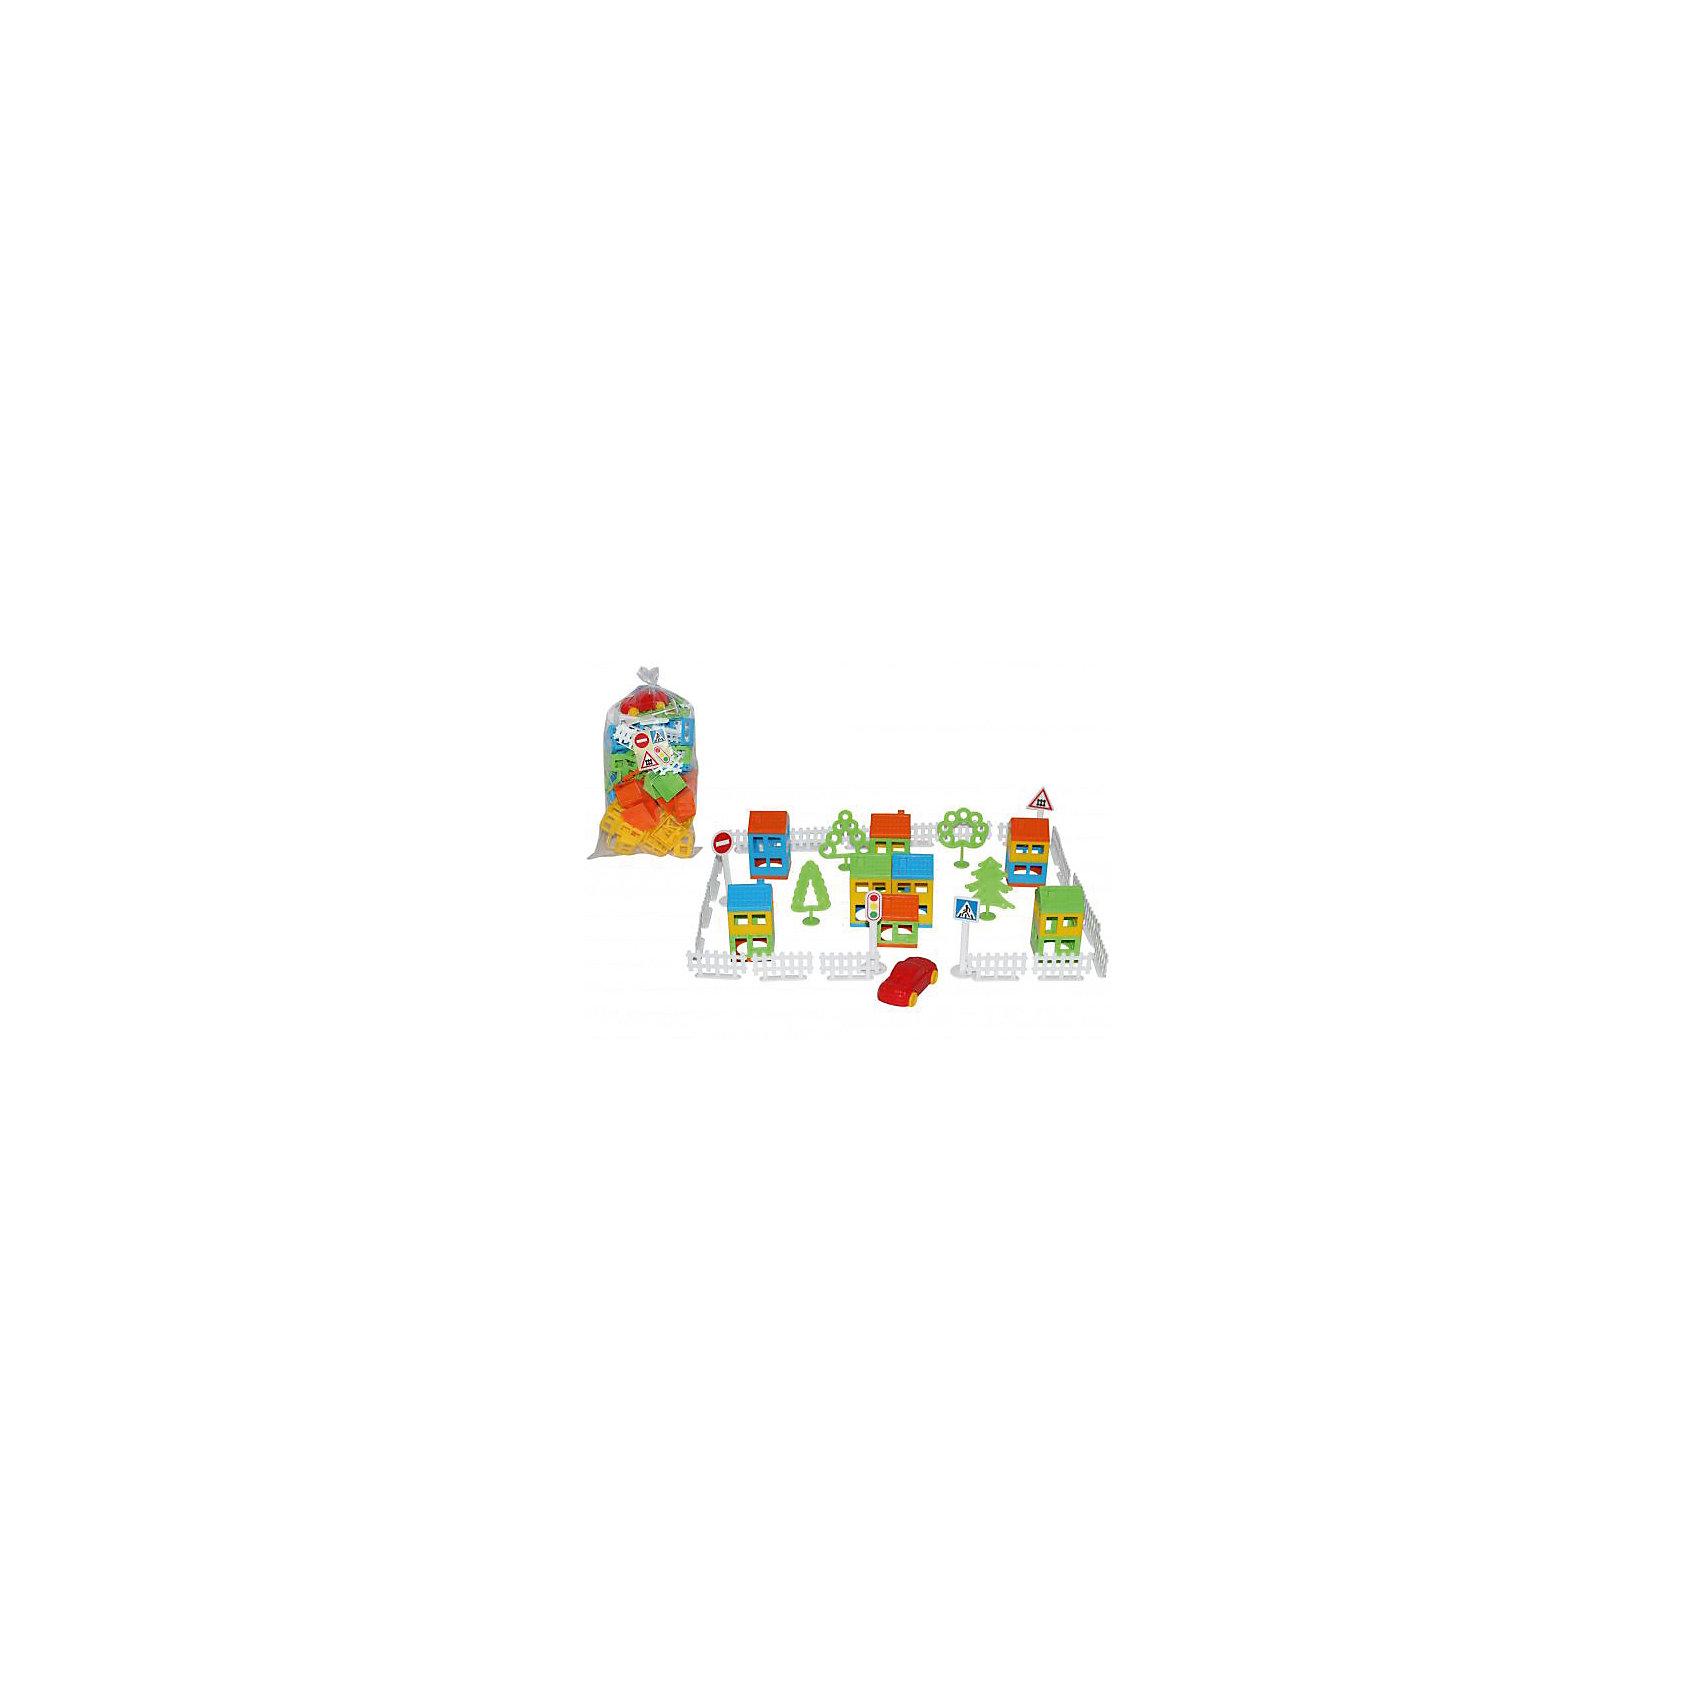 Конструктор Построй свой город, 61 дет., ПолесьеКонструктор Построй свой город, 61 дет., Полесье.<br><br>Характеристики:<br><br>- В наборе: детали конструктора, машинка<br>- Количество деталей: 61 шт.<br>- Материал: высококачественная пластмасса<br>- Размер упаковки: 40х35х23 см.<br>- Упаковка: пакет<br><br>Конструктор Построй свой город станет отличным подарком для ребенка, ведь малыш теперь сам сможет построить город своей мечты. Конструктор включает в себя всё, что нужно для создания города - строительные элементы (стены, крыши), светофор, 3 дорожных знака, автомобиль, 20 деталей забора, 4 дерева. Город, созданный малышом, может стать удивительной площадкой для веселых игр. Все детали выполнены из качественной пластмассы, и окрашены пищевыми красителями. С этим конструктором ребёнок откроет для себя интересный мир моделирования, а также сможет развить фантазию, пространственное мышление и мелкую моторику рук.<br><br>Конструктор Построй свой город, 61 дет., Полесье можно купить в нашем интернет-магазине.<br><br>Ширина мм: 400<br>Глубина мм: 350<br>Высота мм: 230<br>Вес г: 370<br>Возраст от месяцев: 36<br>Возраст до месяцев: 96<br>Пол: Унисекс<br>Возраст: Детский<br>SKU: 4763447